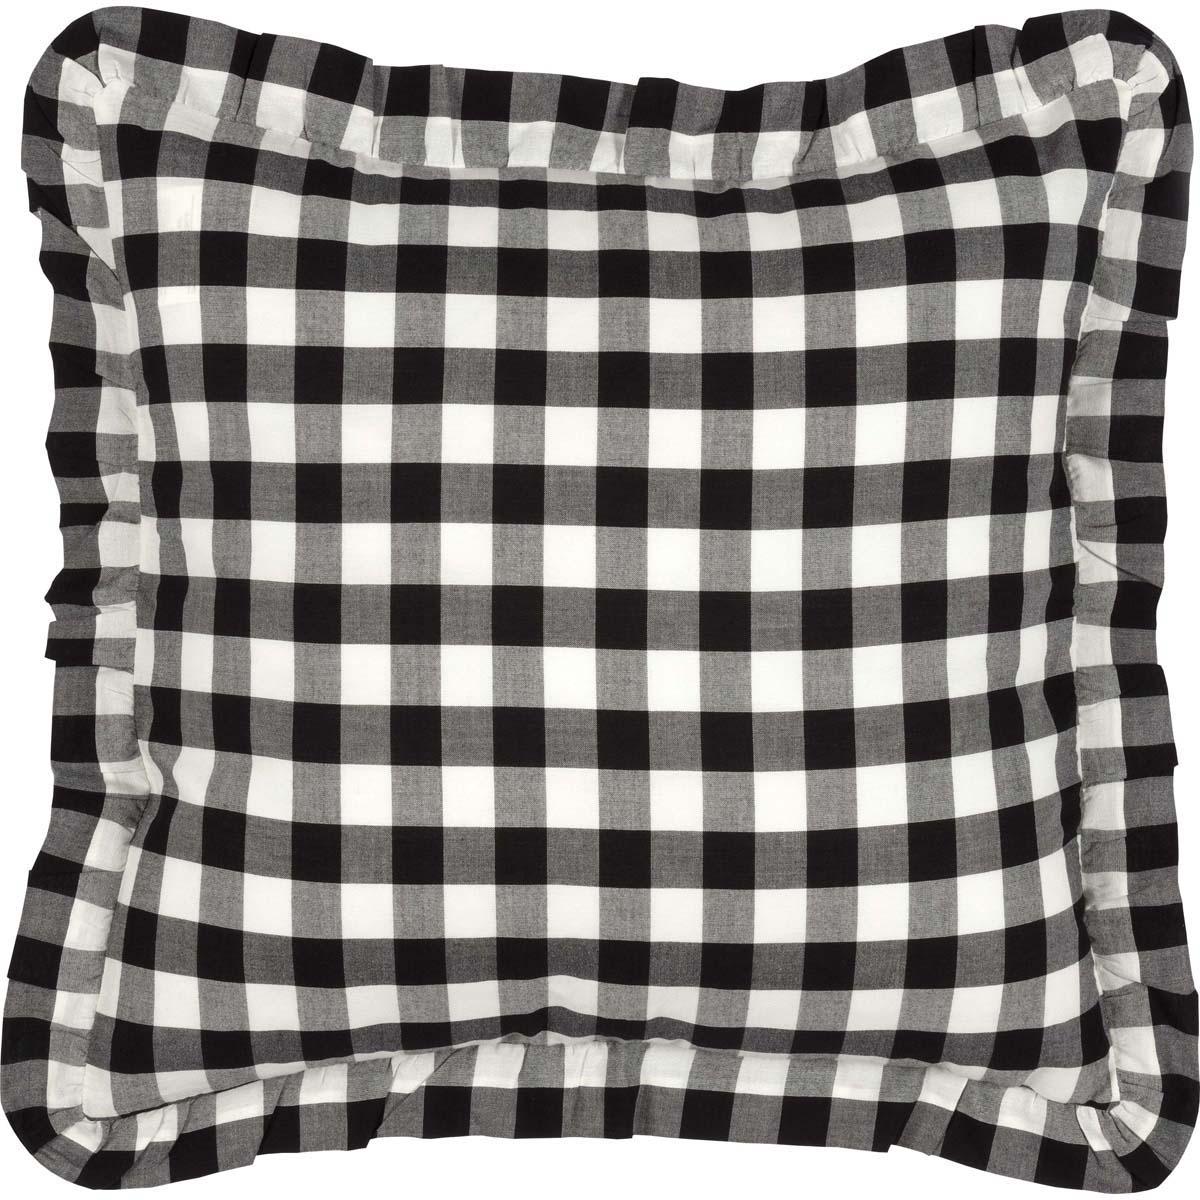 Annie Buffalo Black Check Ruffled Fabric Pillow 18x18